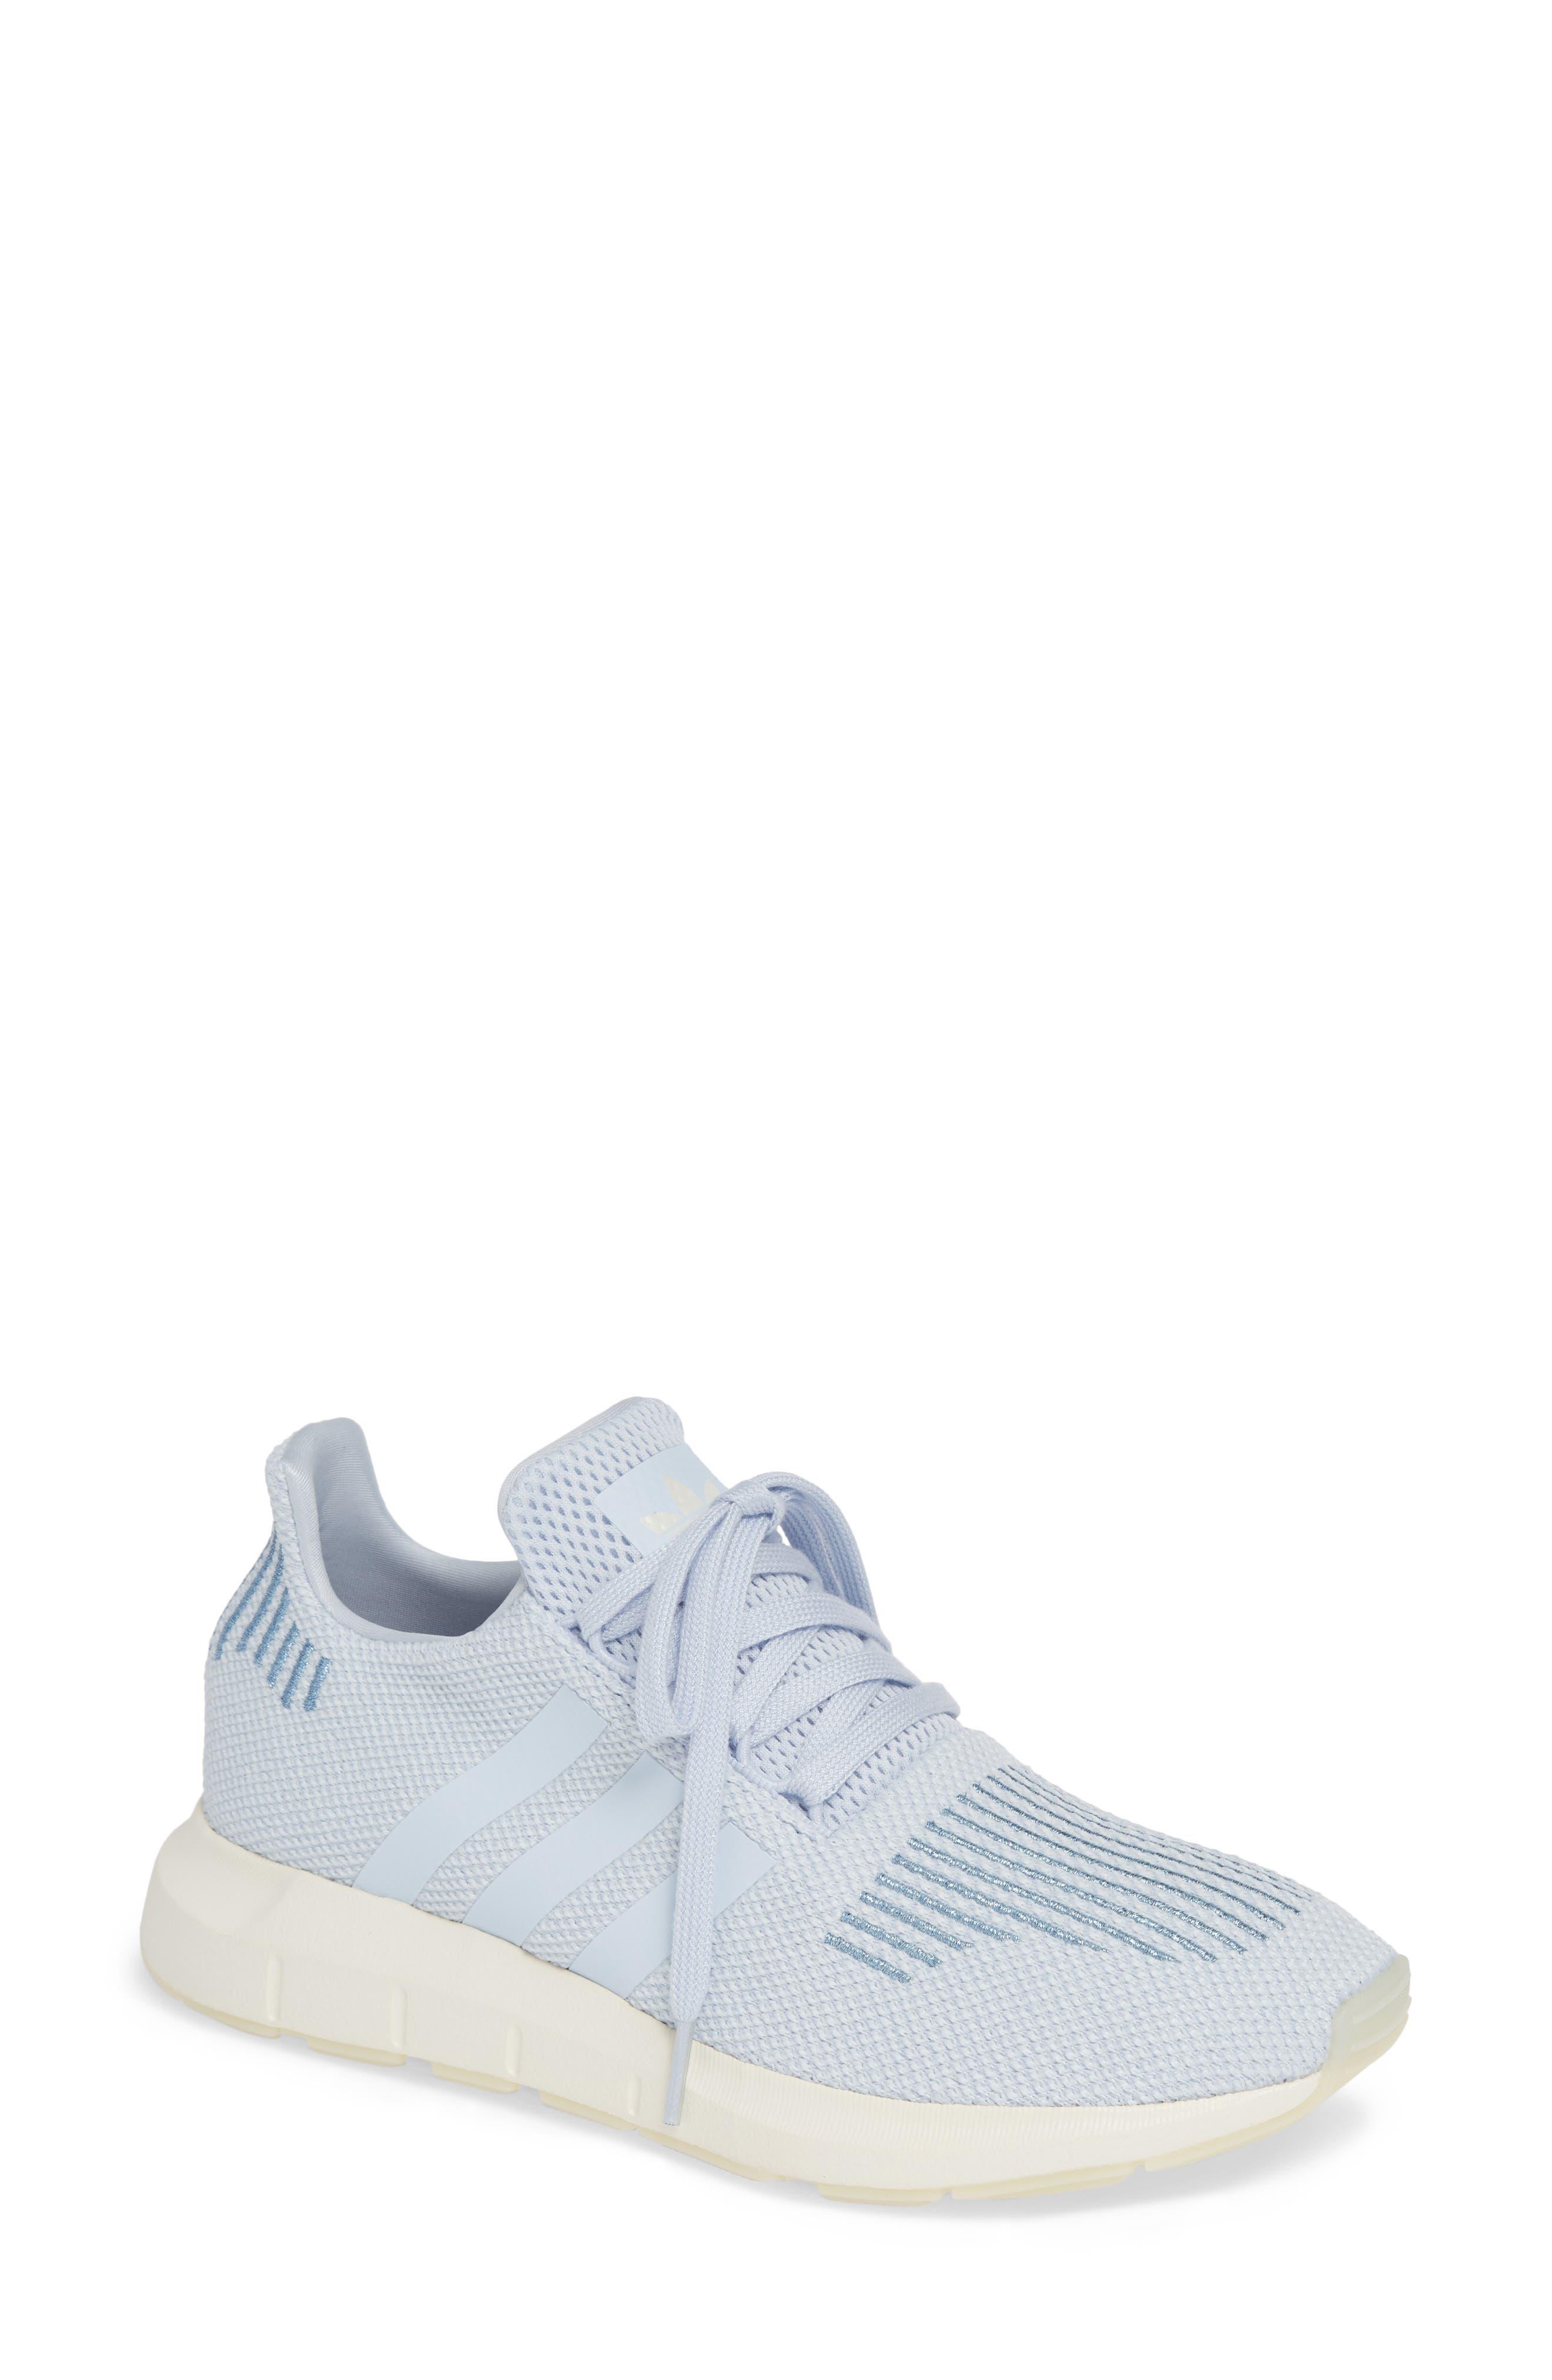 Swift Run Sneaker,                         Main,                         color, AERO BLUE/ OFF WHITE